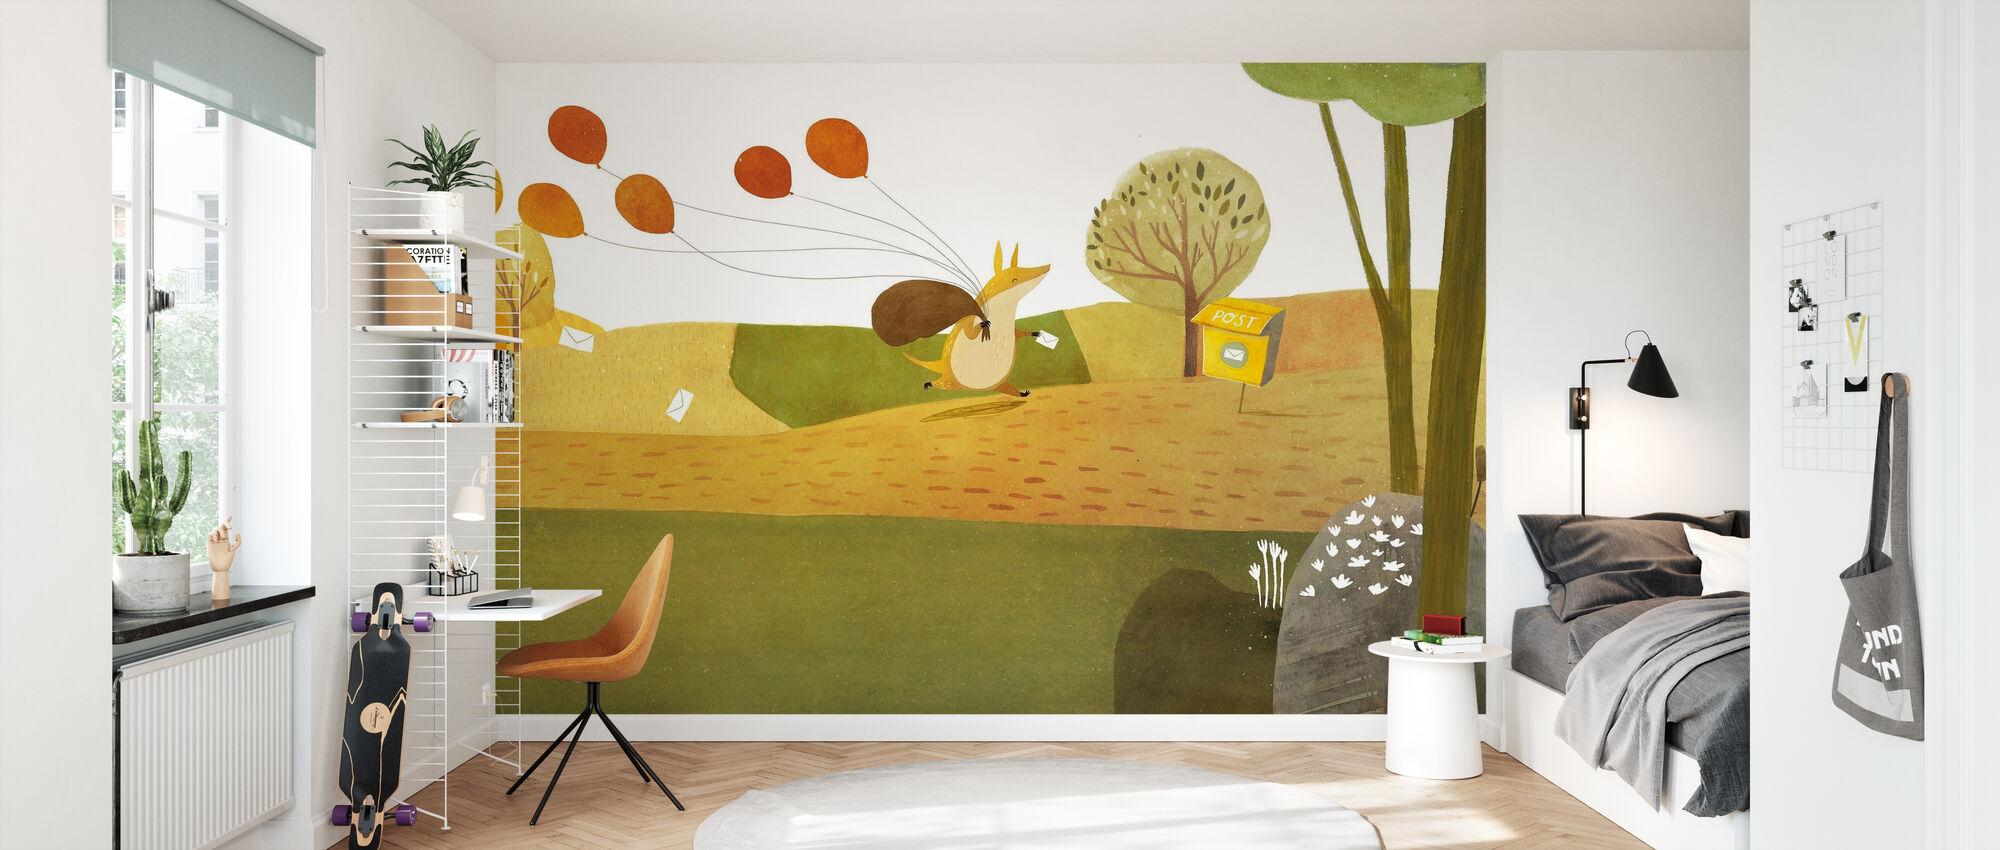 Pancake Party - Wallpaper - Kids Room